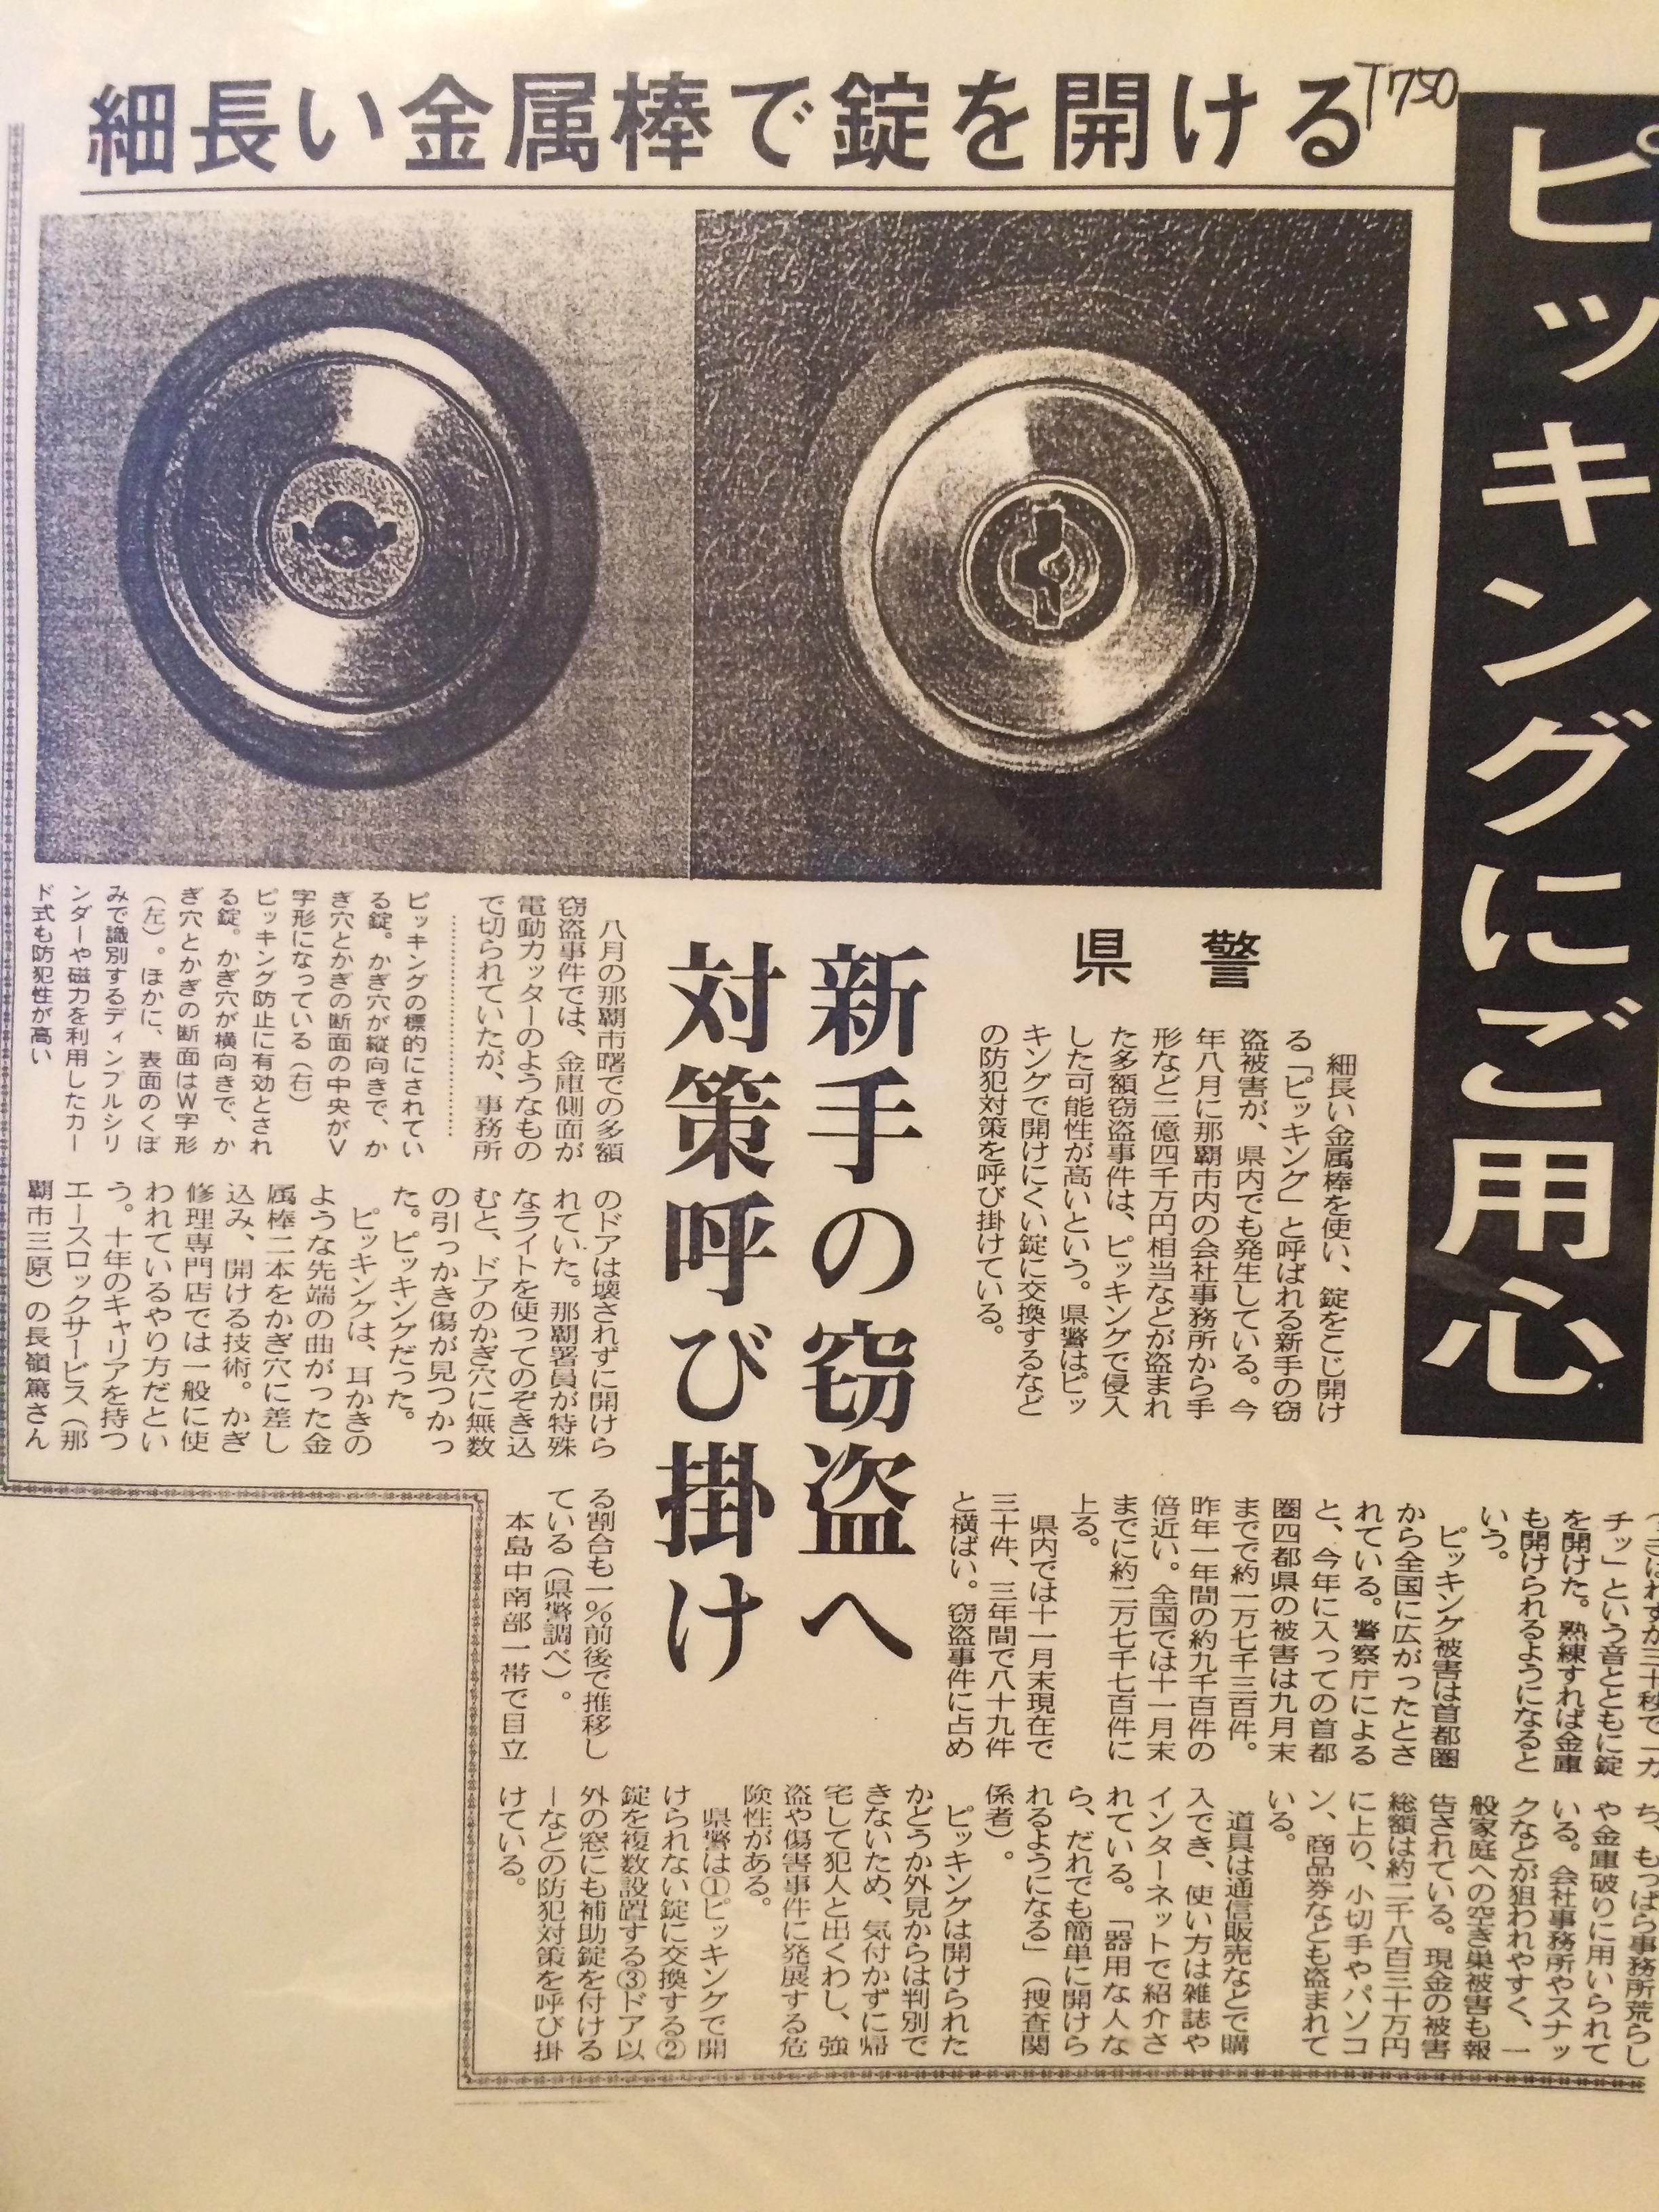 ピッキング新聞